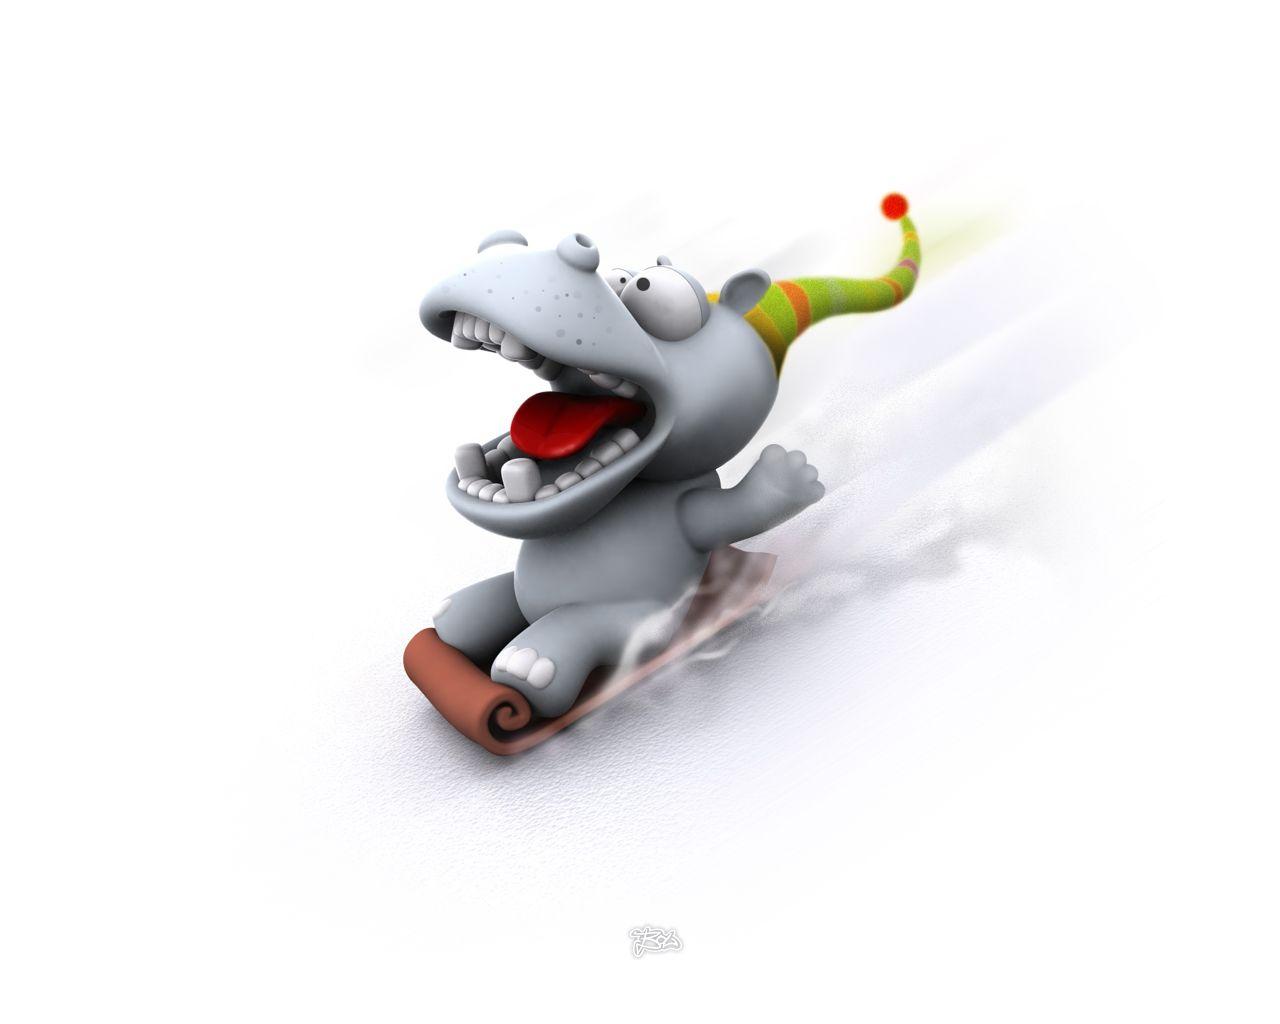 Fun Plannet Funny 3d Wallpapers In 2020 Cute Cartoon Animals Cartoon Hippo Cartoon Wallpaper